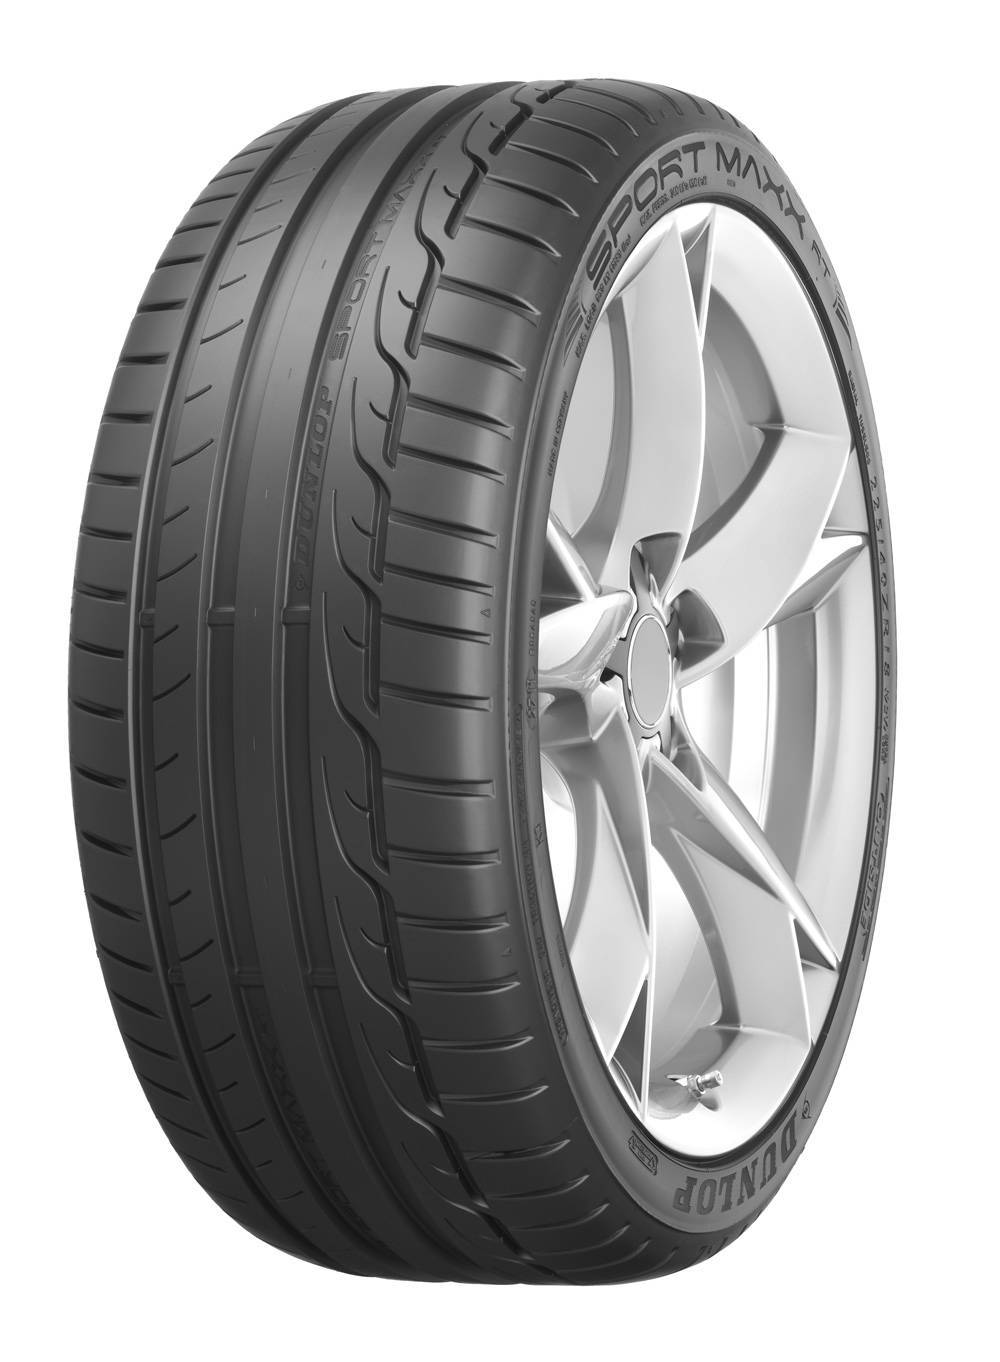 Pneu Dunlop Sp Sport Maxx 050+ 235/50 R18 97v